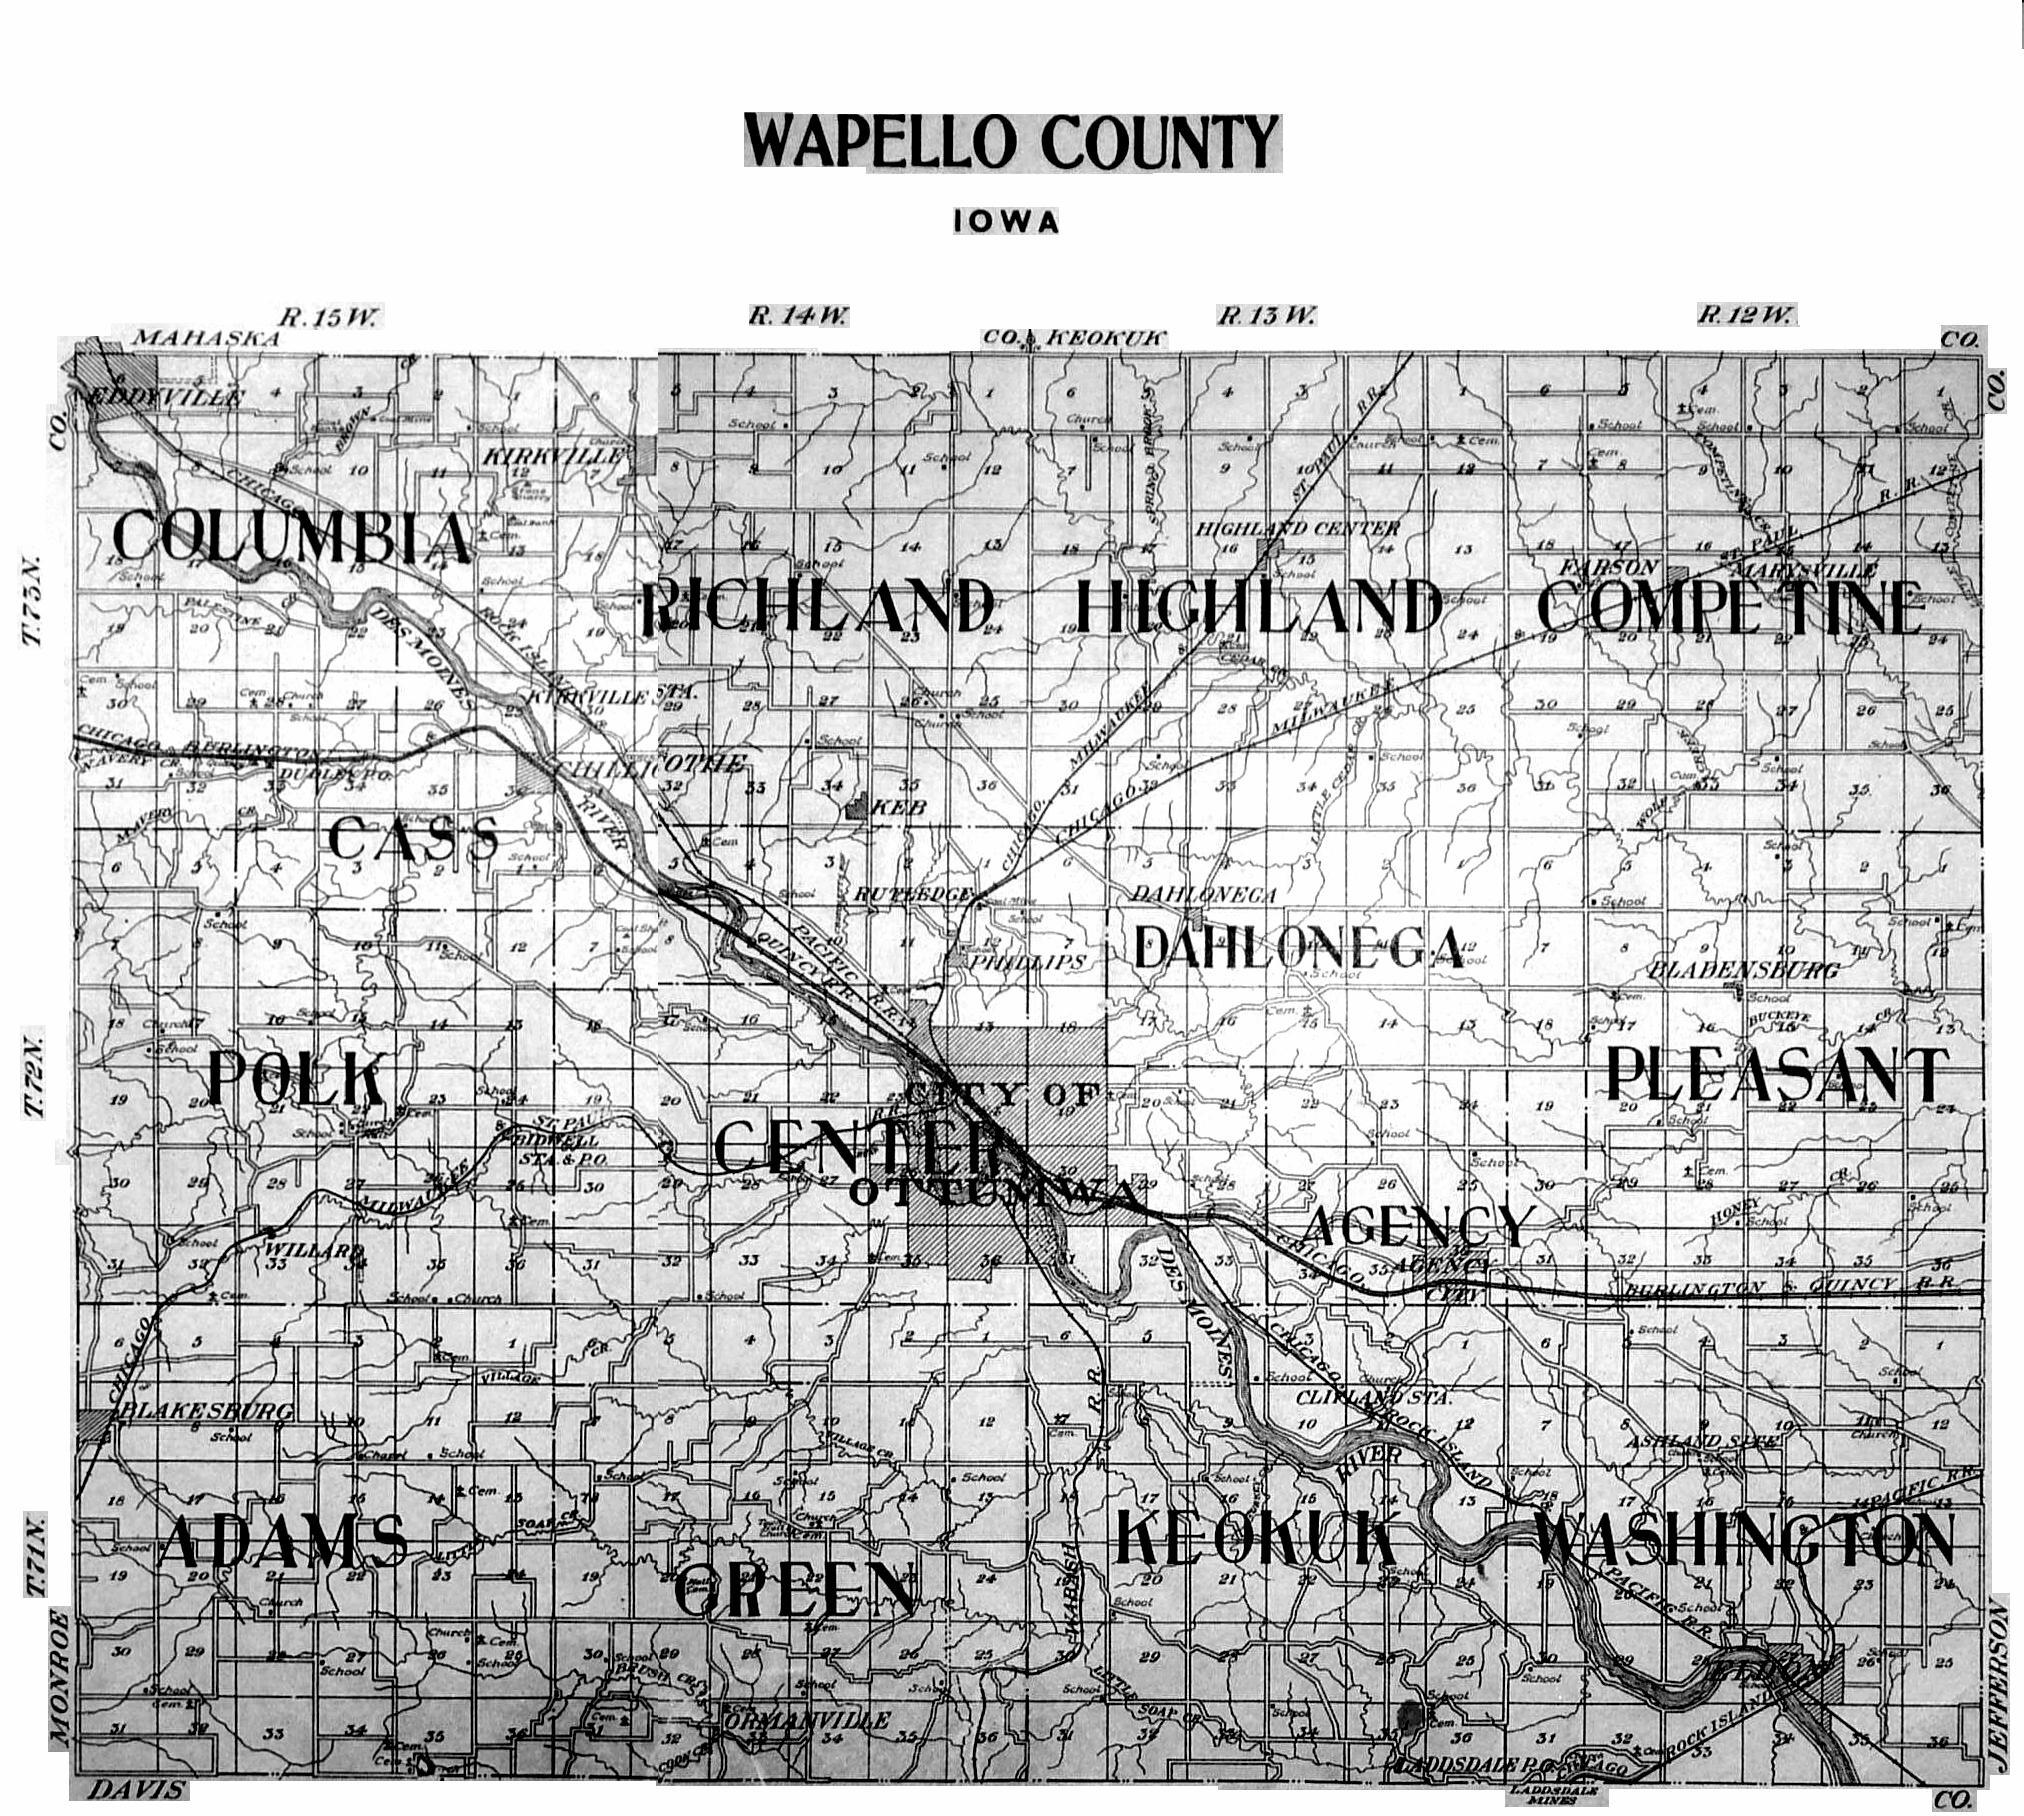 Wapello County 1922 Plat Maps